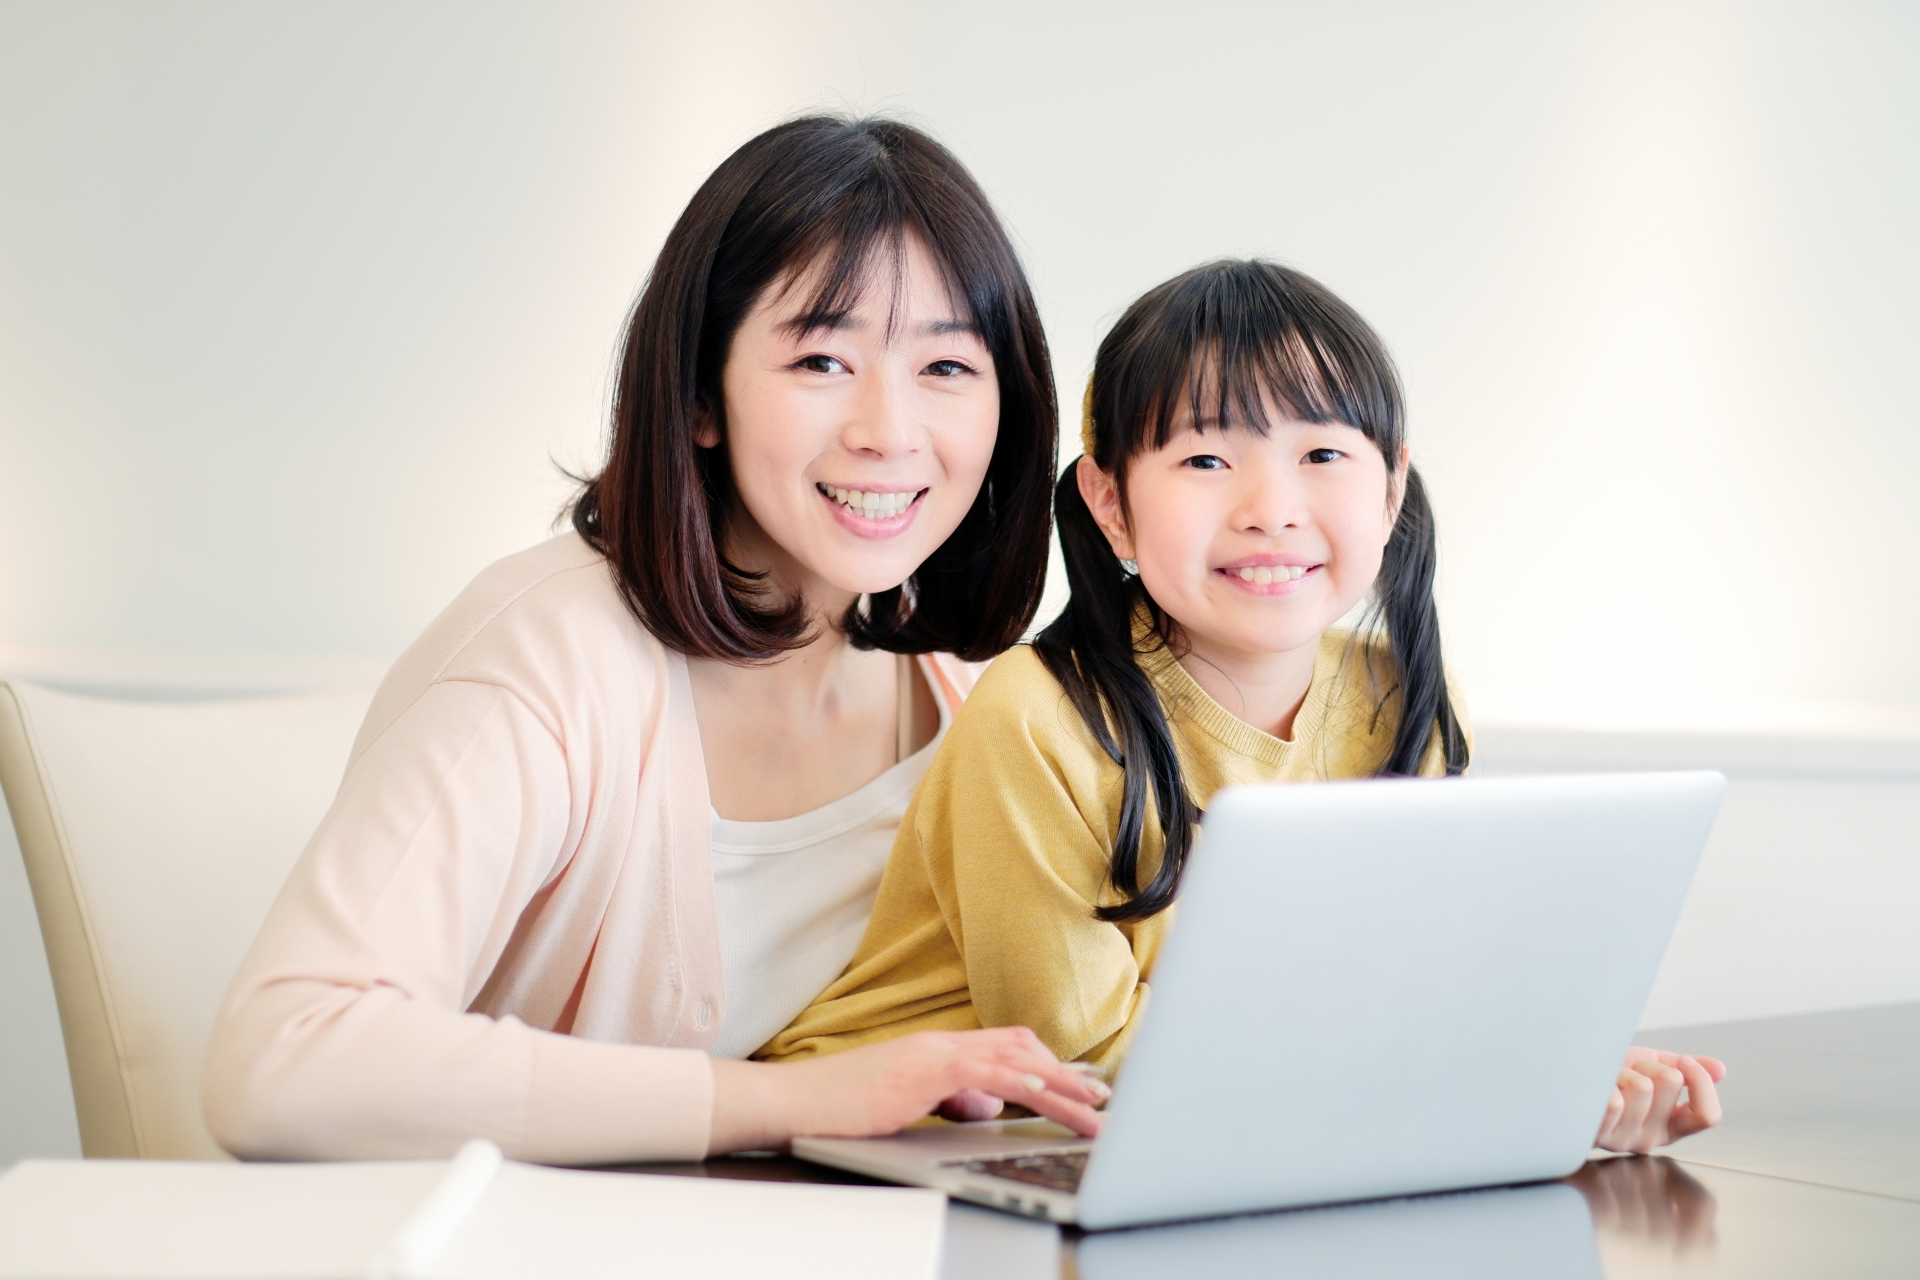 これなら取り組める!「漢字」が苦手な子どものための勉強法の画像2